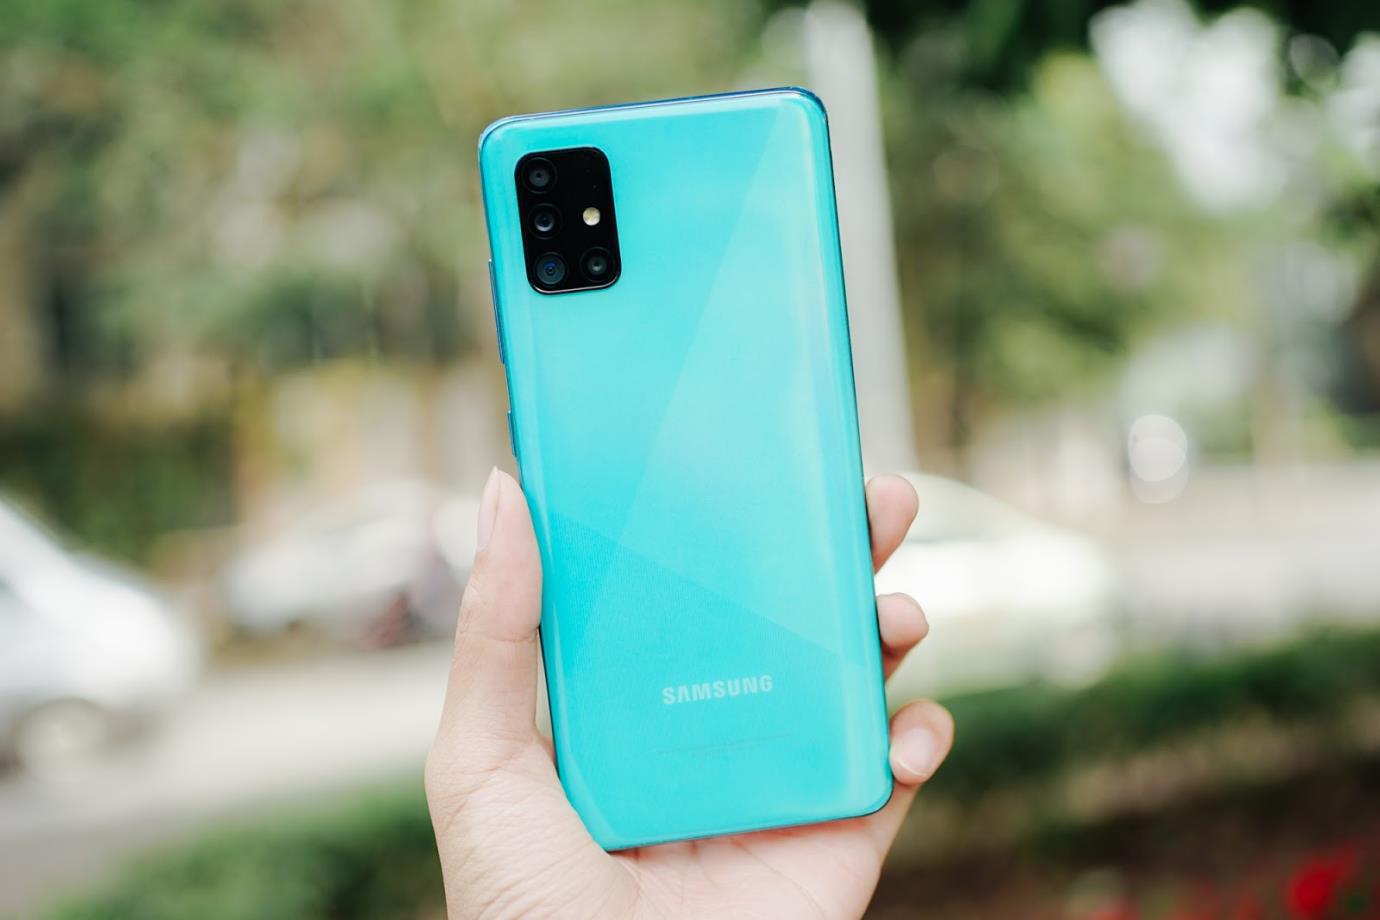 Đã 2020 nhưng những tiêu chí cốt lõi tìm mua smartphone vẫn như 10 năm trước - Ảnh 2.